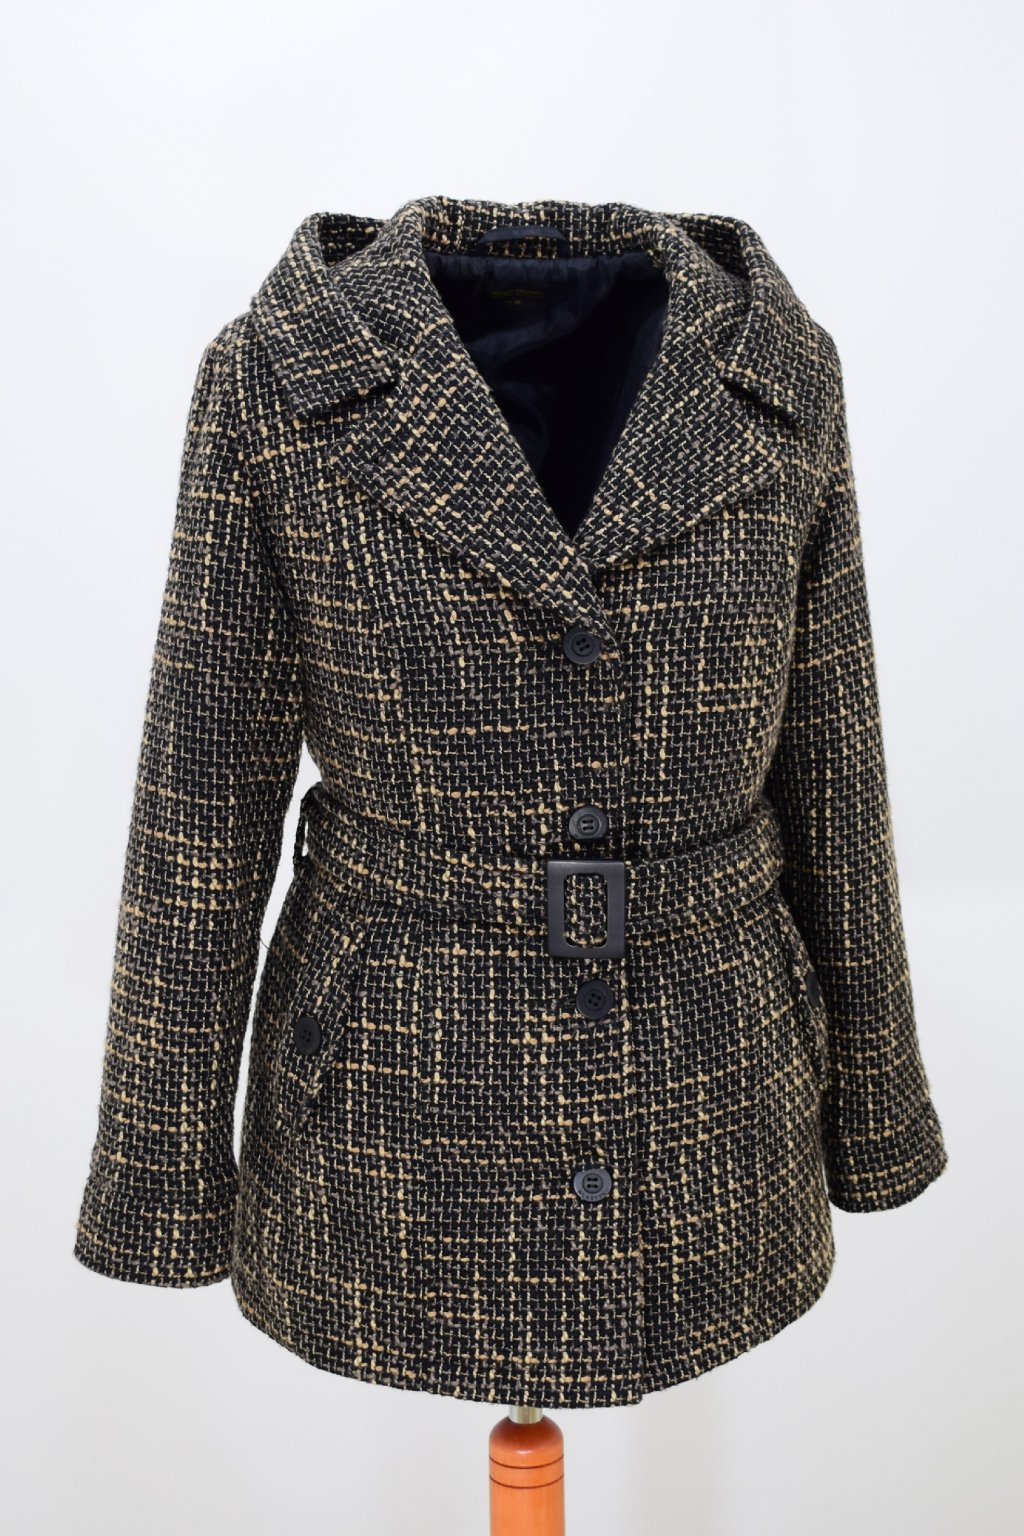 Dámský hnědý přechodový kabátek Aneta nadměrné velikosti